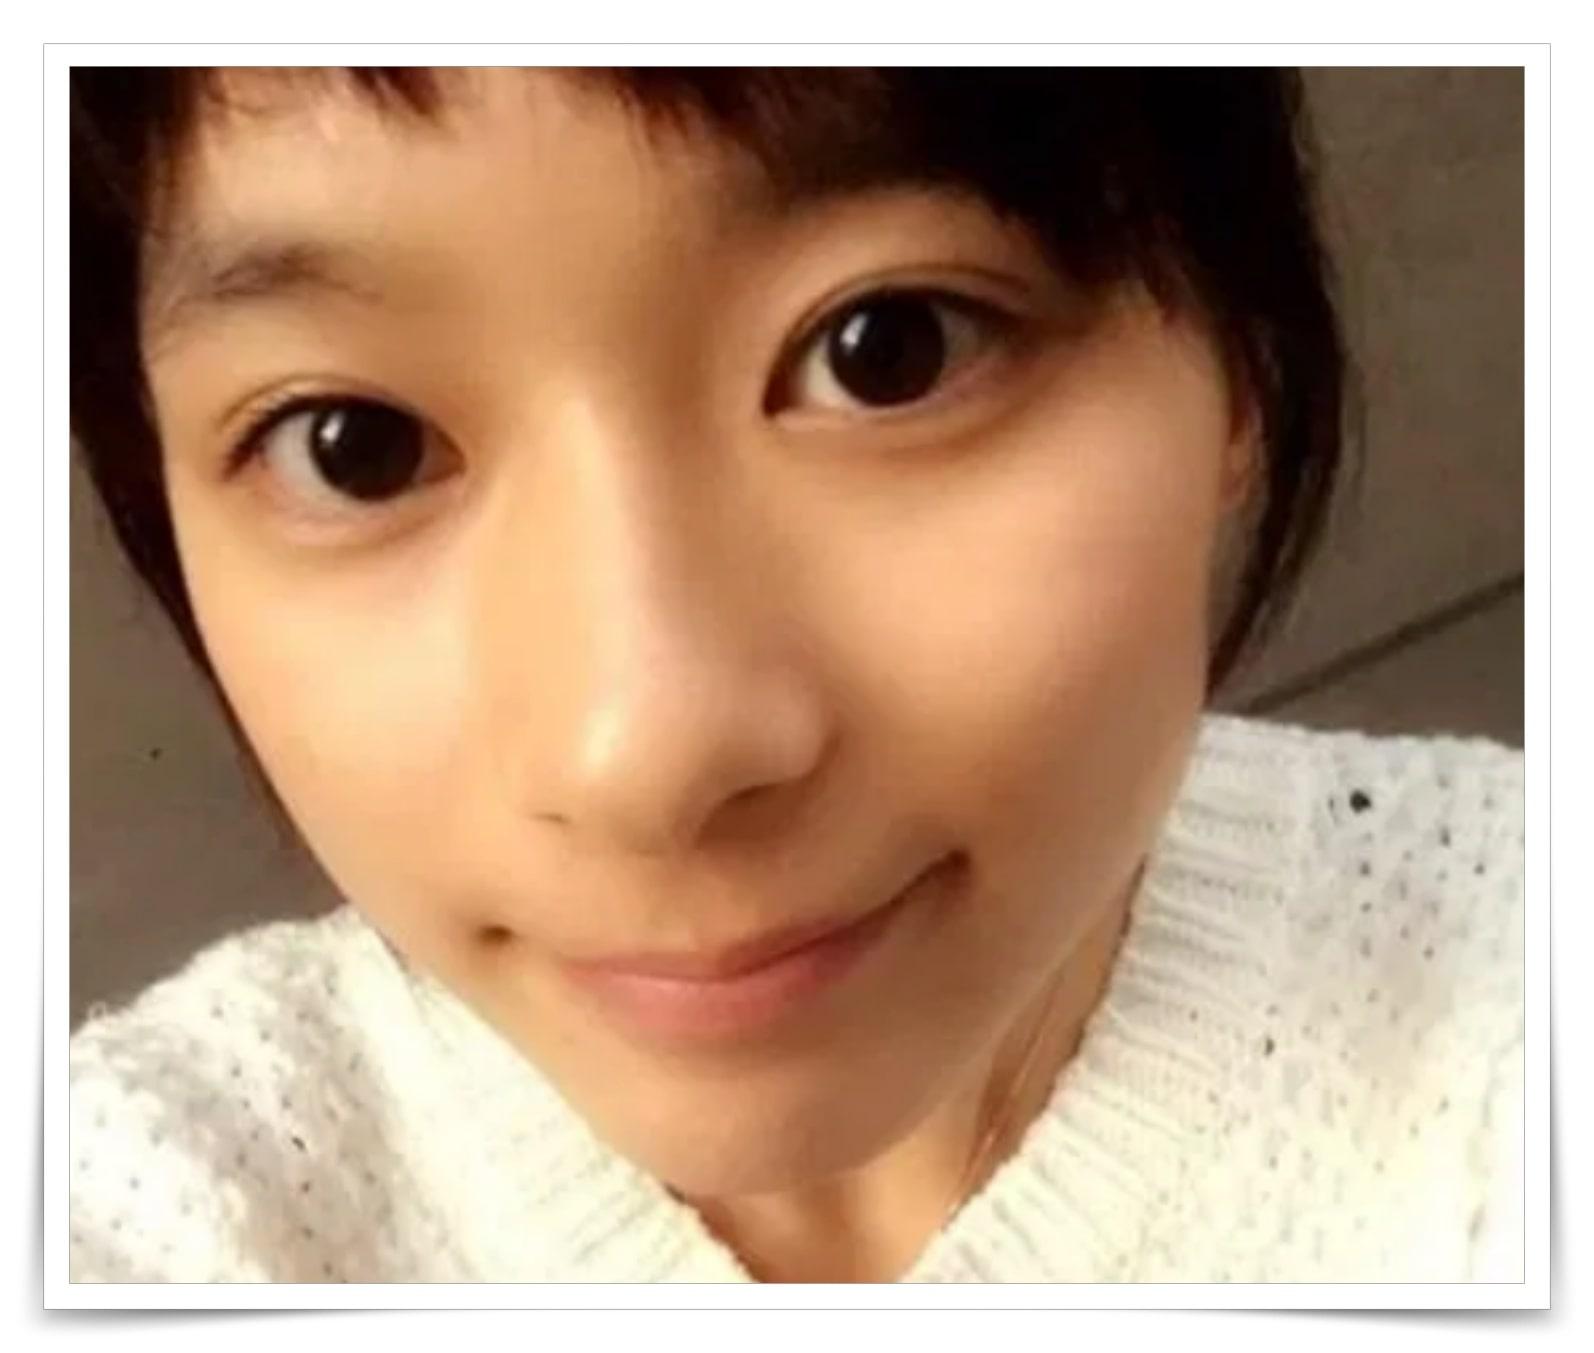 芳根京子の黒目が大きいのはカラコンか比較画像